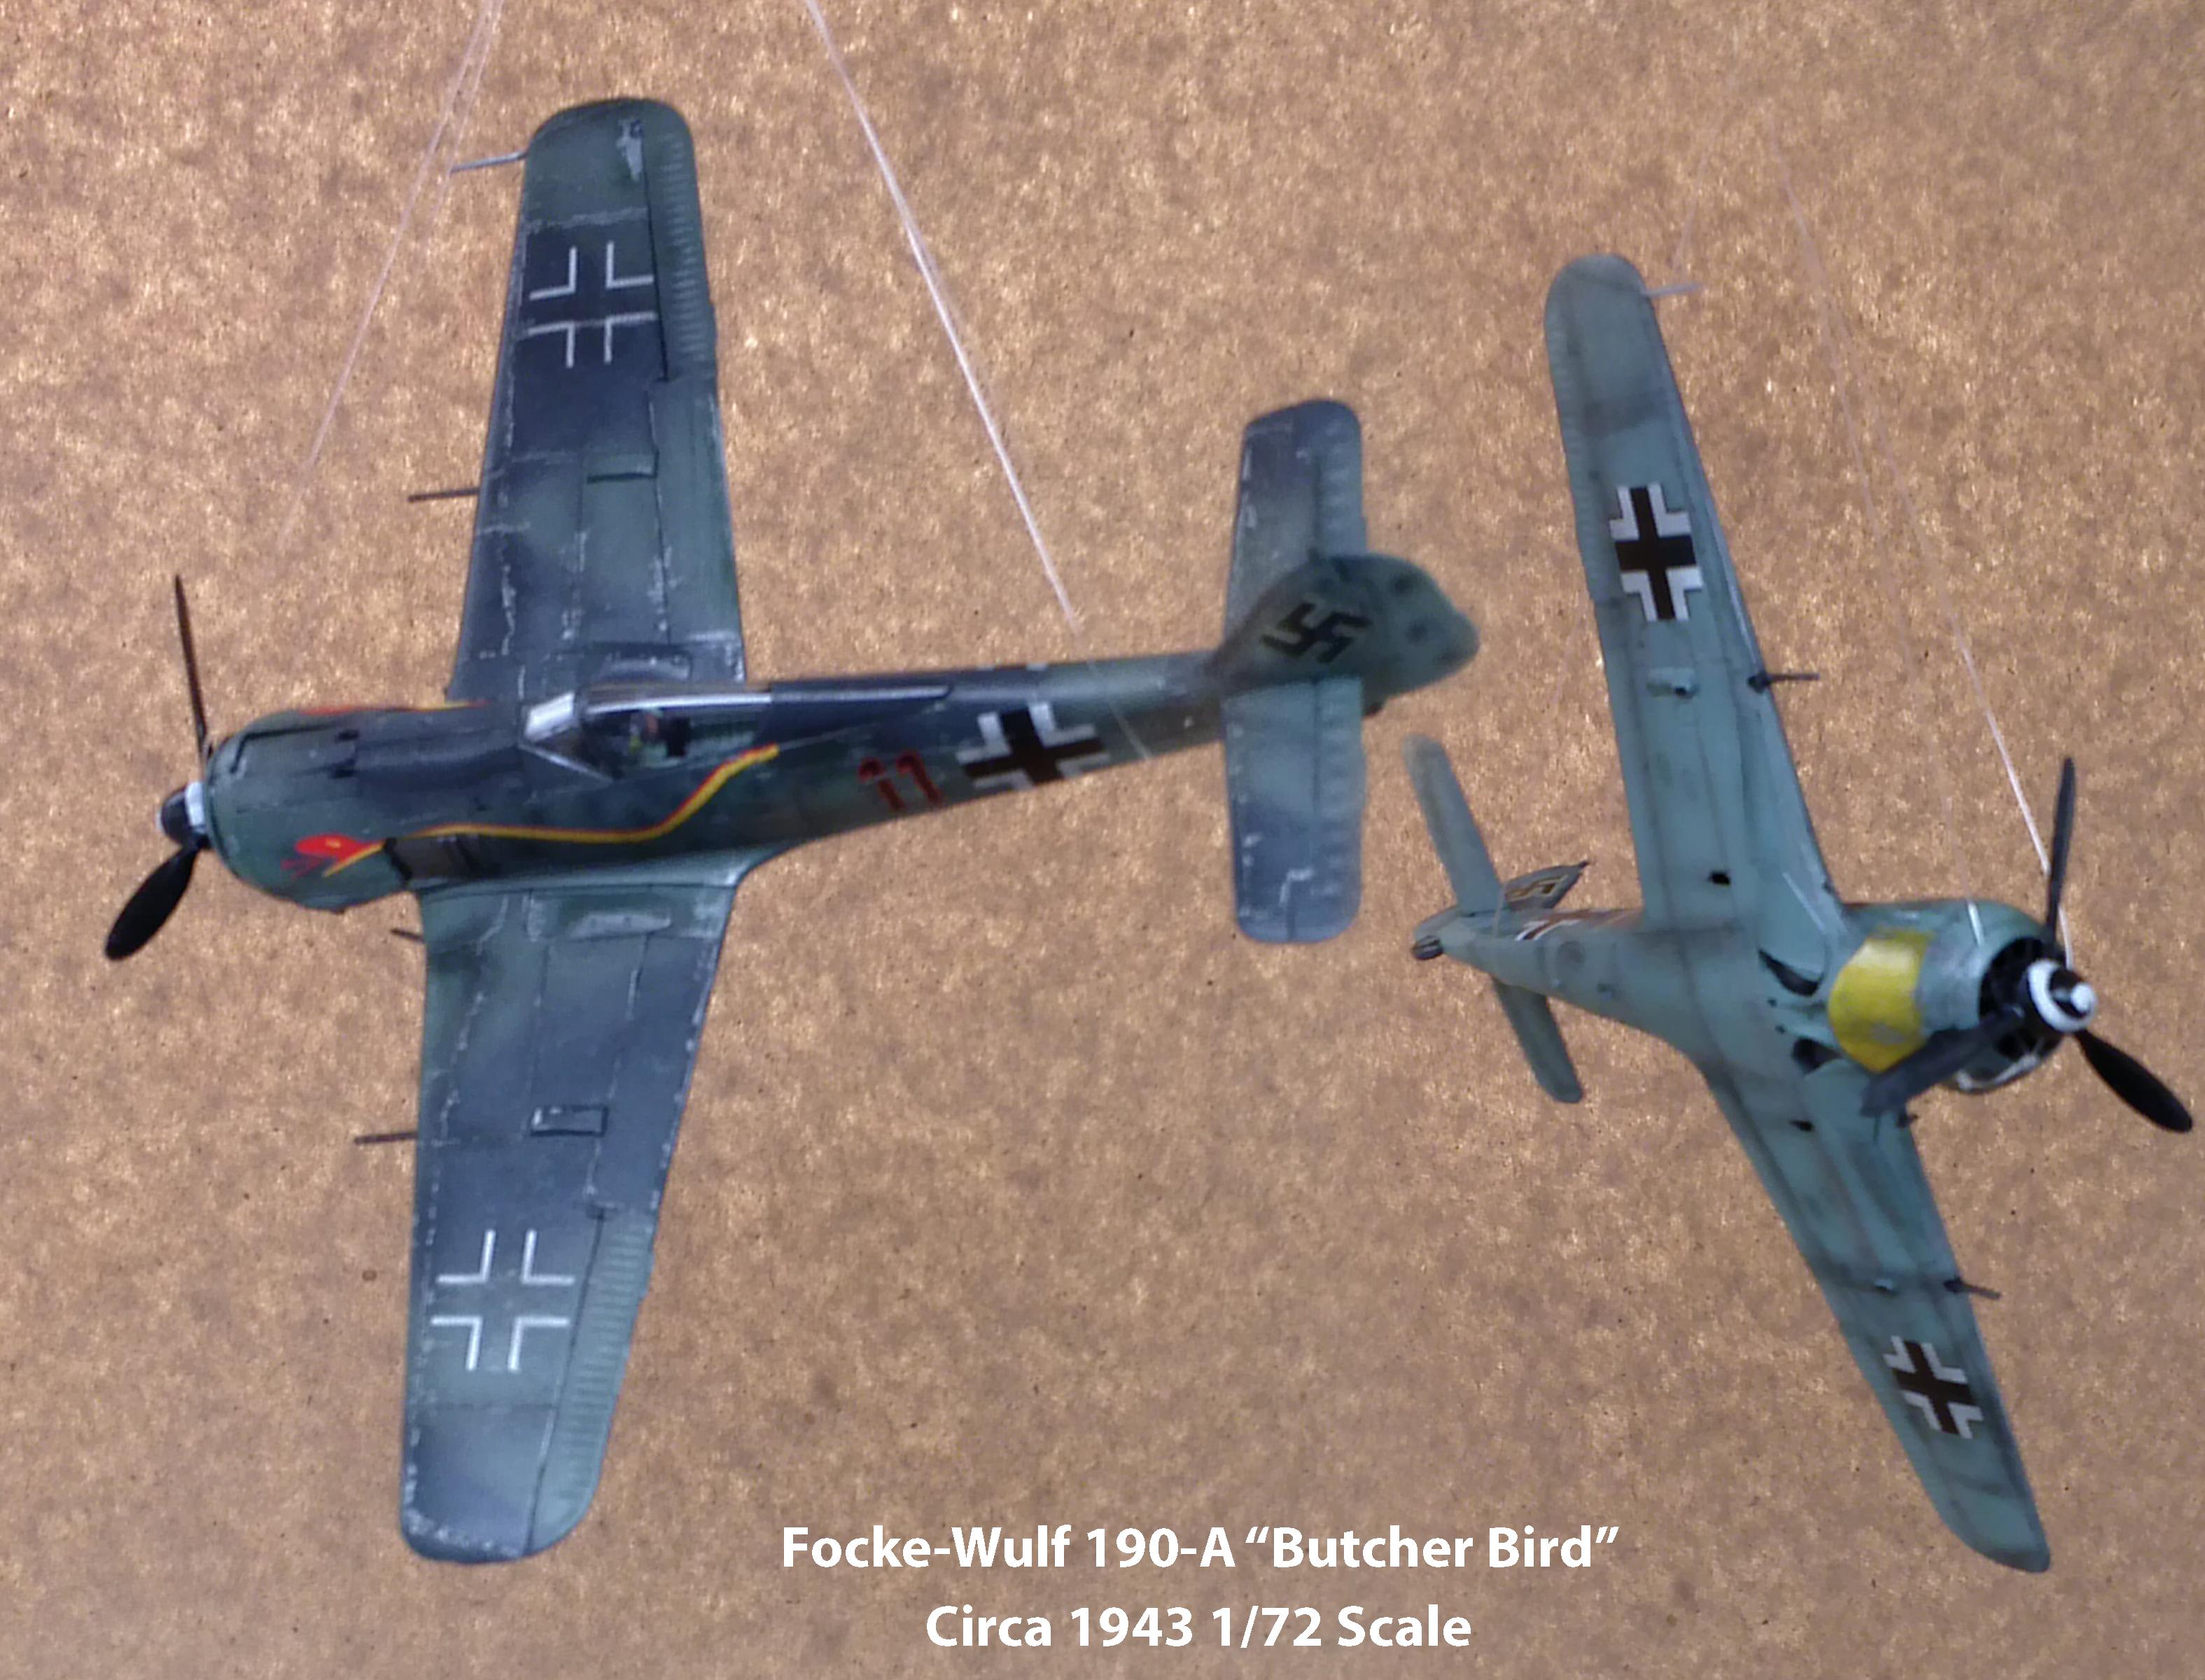 FW-190-A